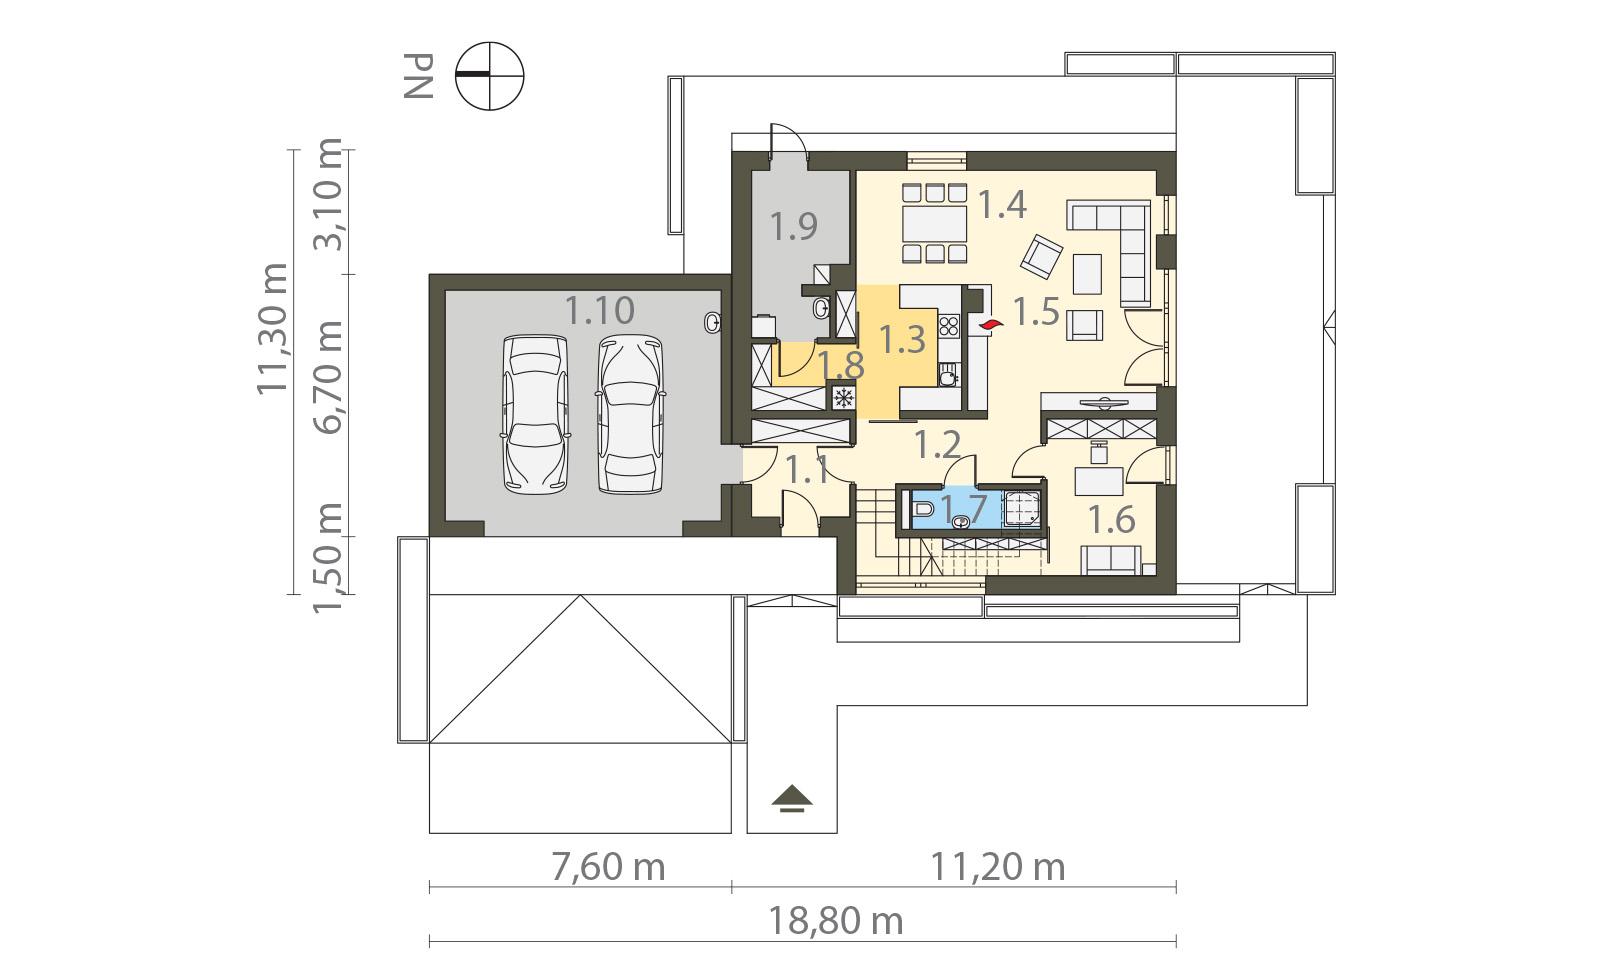 Projekt domu 2 PLUS 1 Domy Czystej Energii rzut parteru